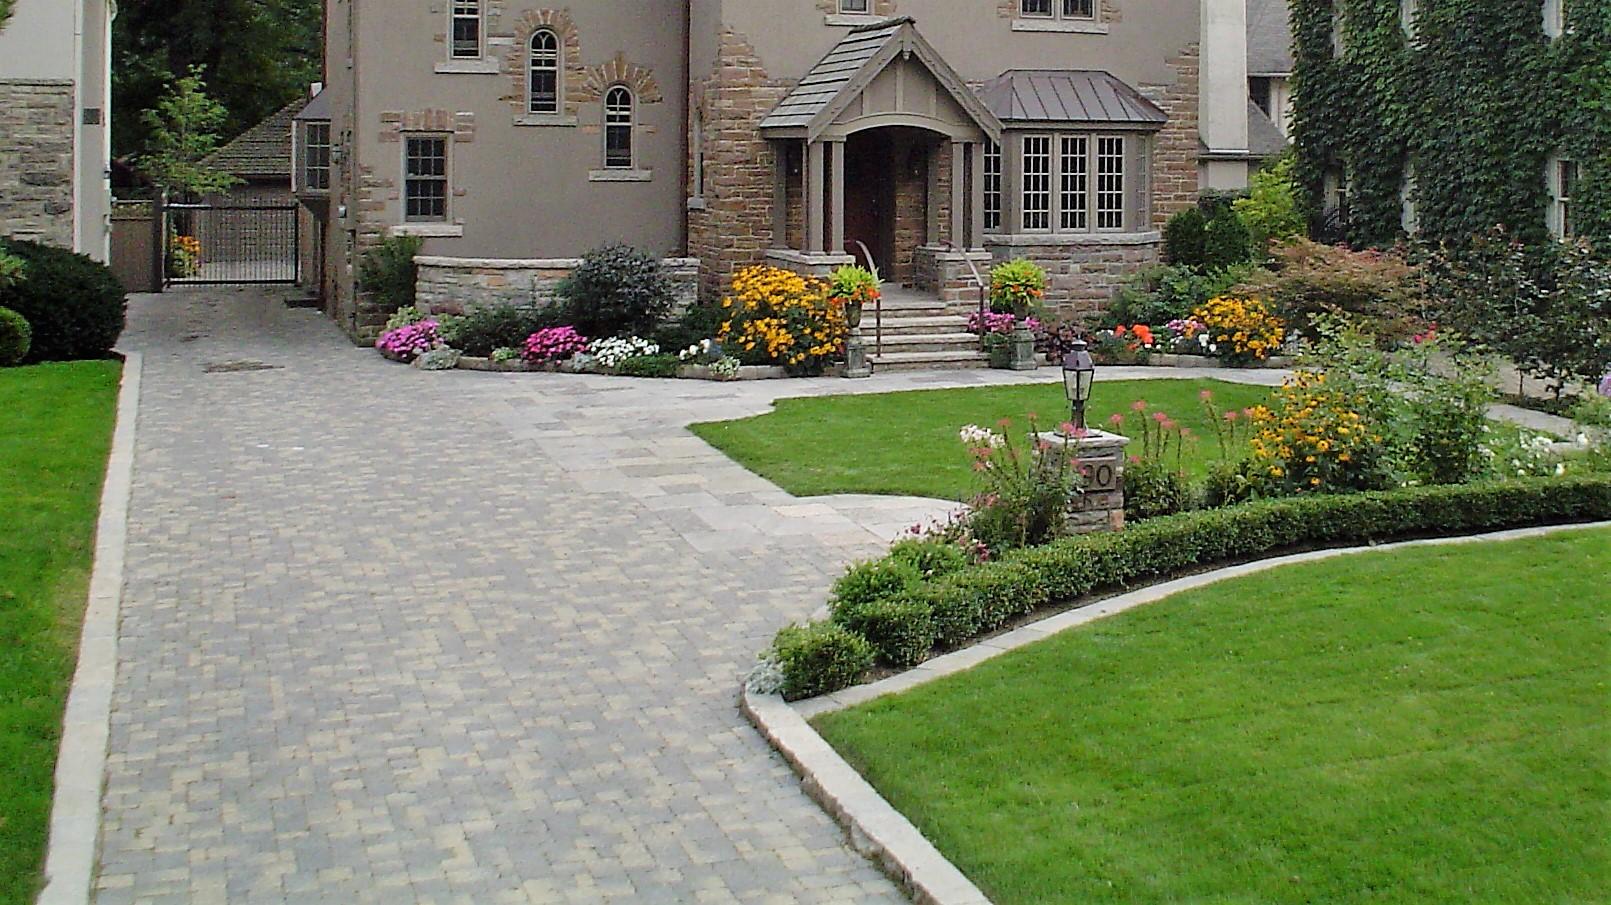 Gooch driveway entrance.jpg